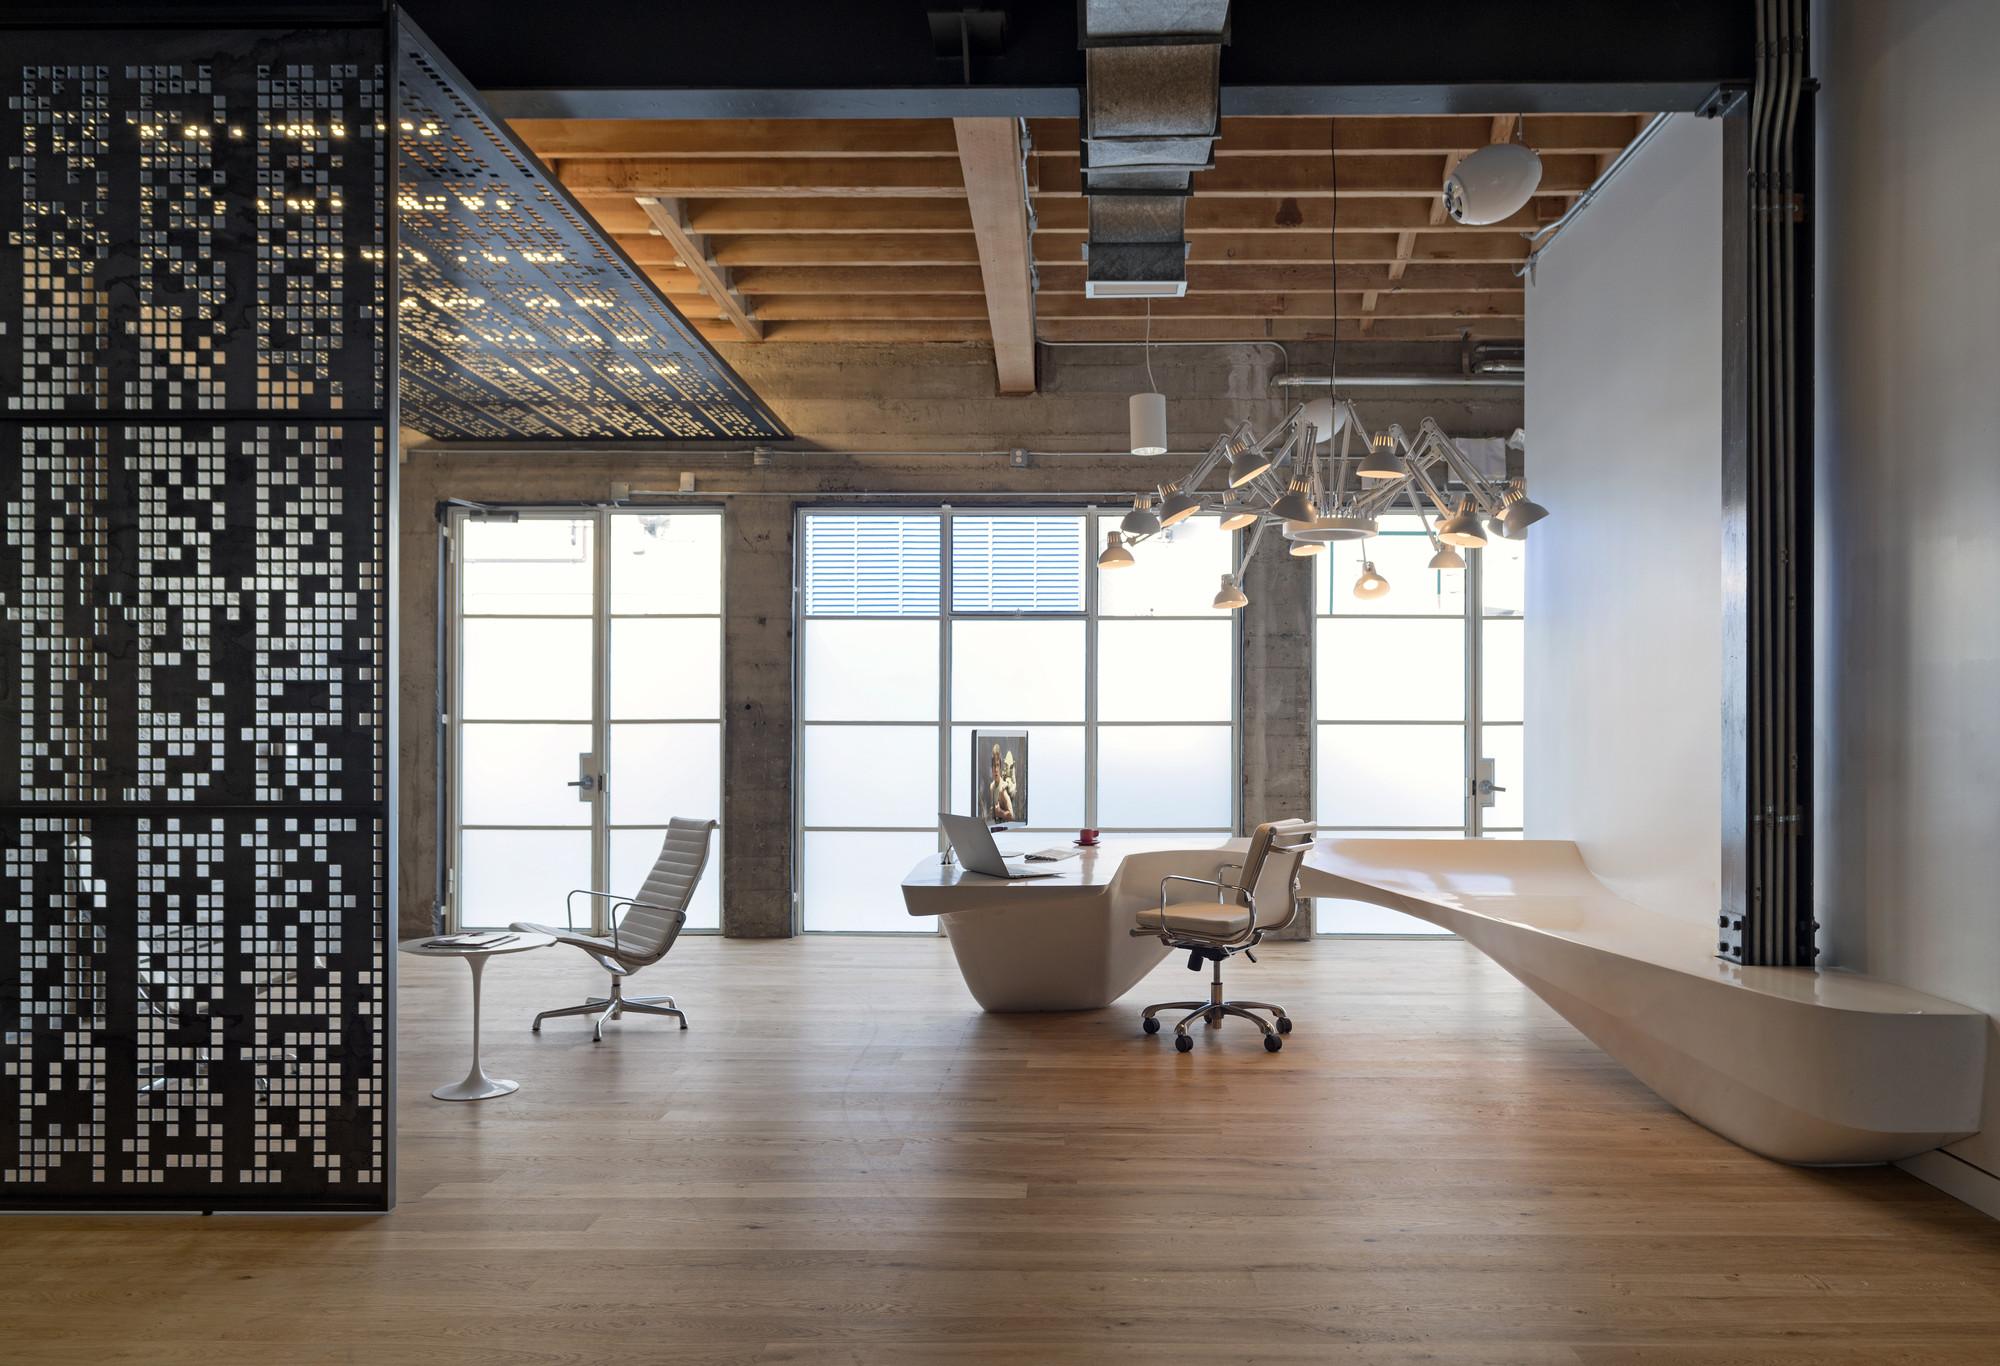 Необычный авторский ресепшн в офисе: вариант из скульптурного бетона. Фото 2